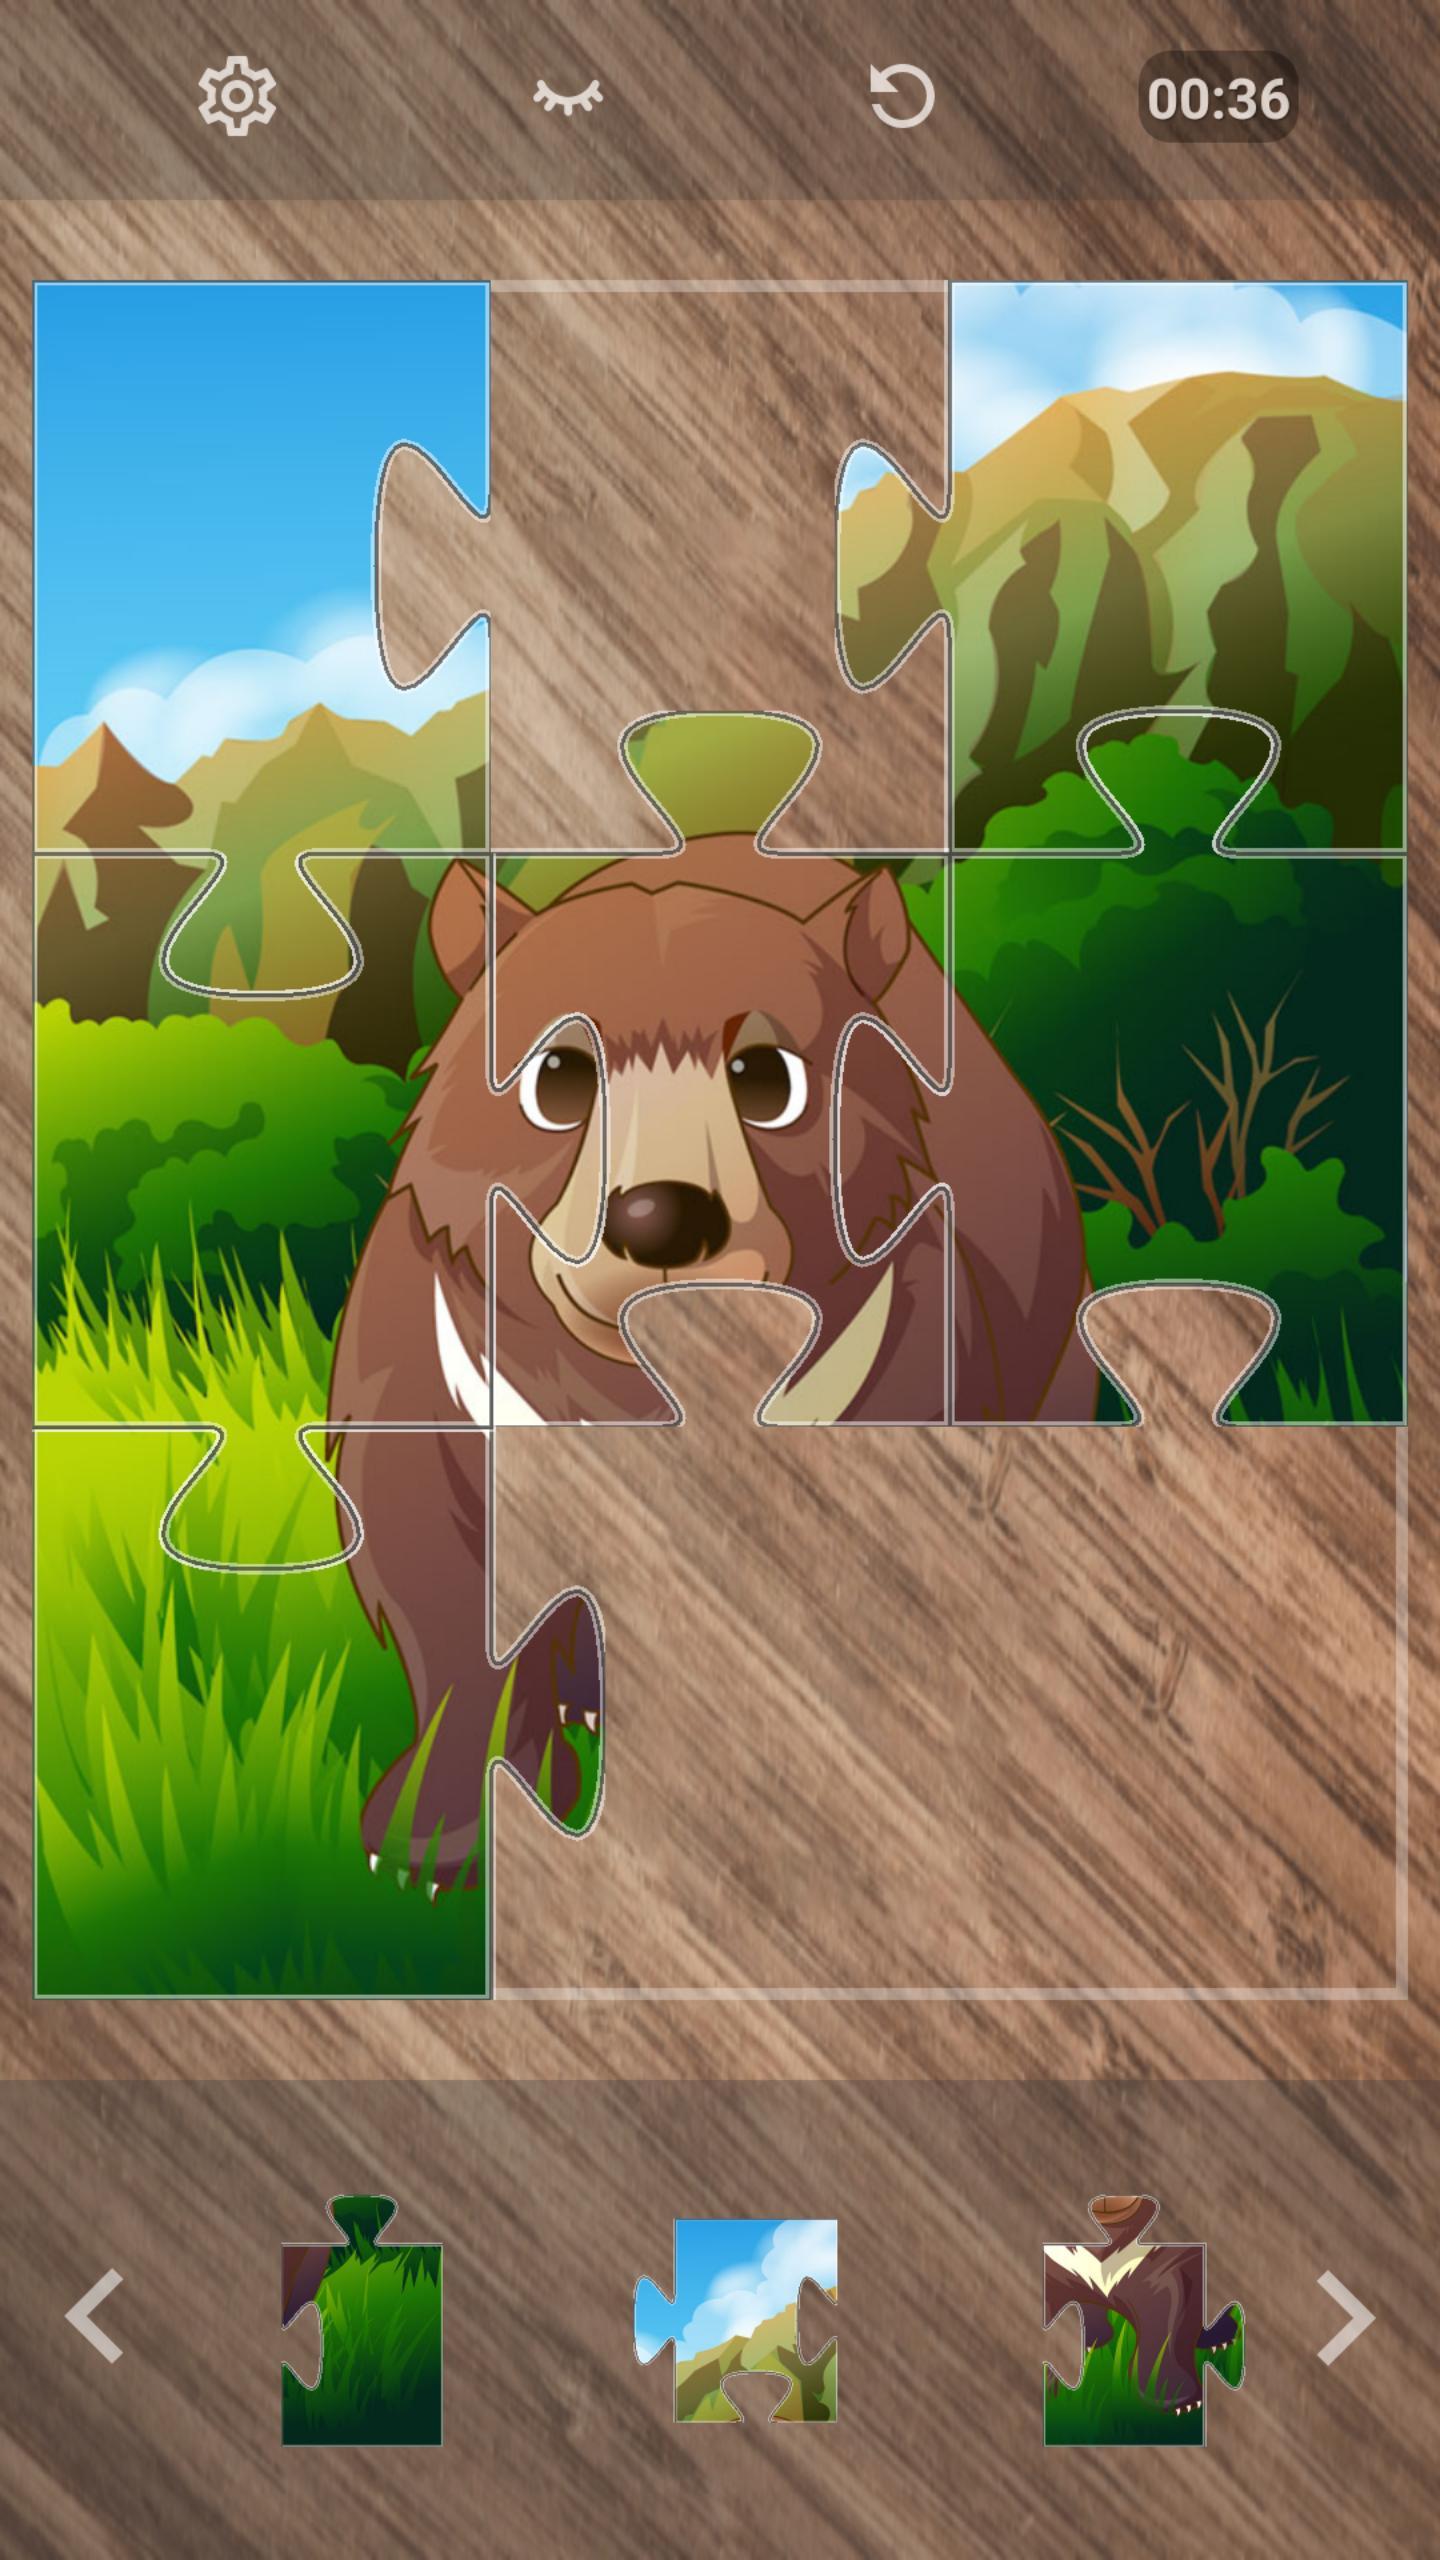 Jeux De Puzzle D'animaux Gratuit Pour Android - Téléchargez avec Jeux De Animaux Gratuit